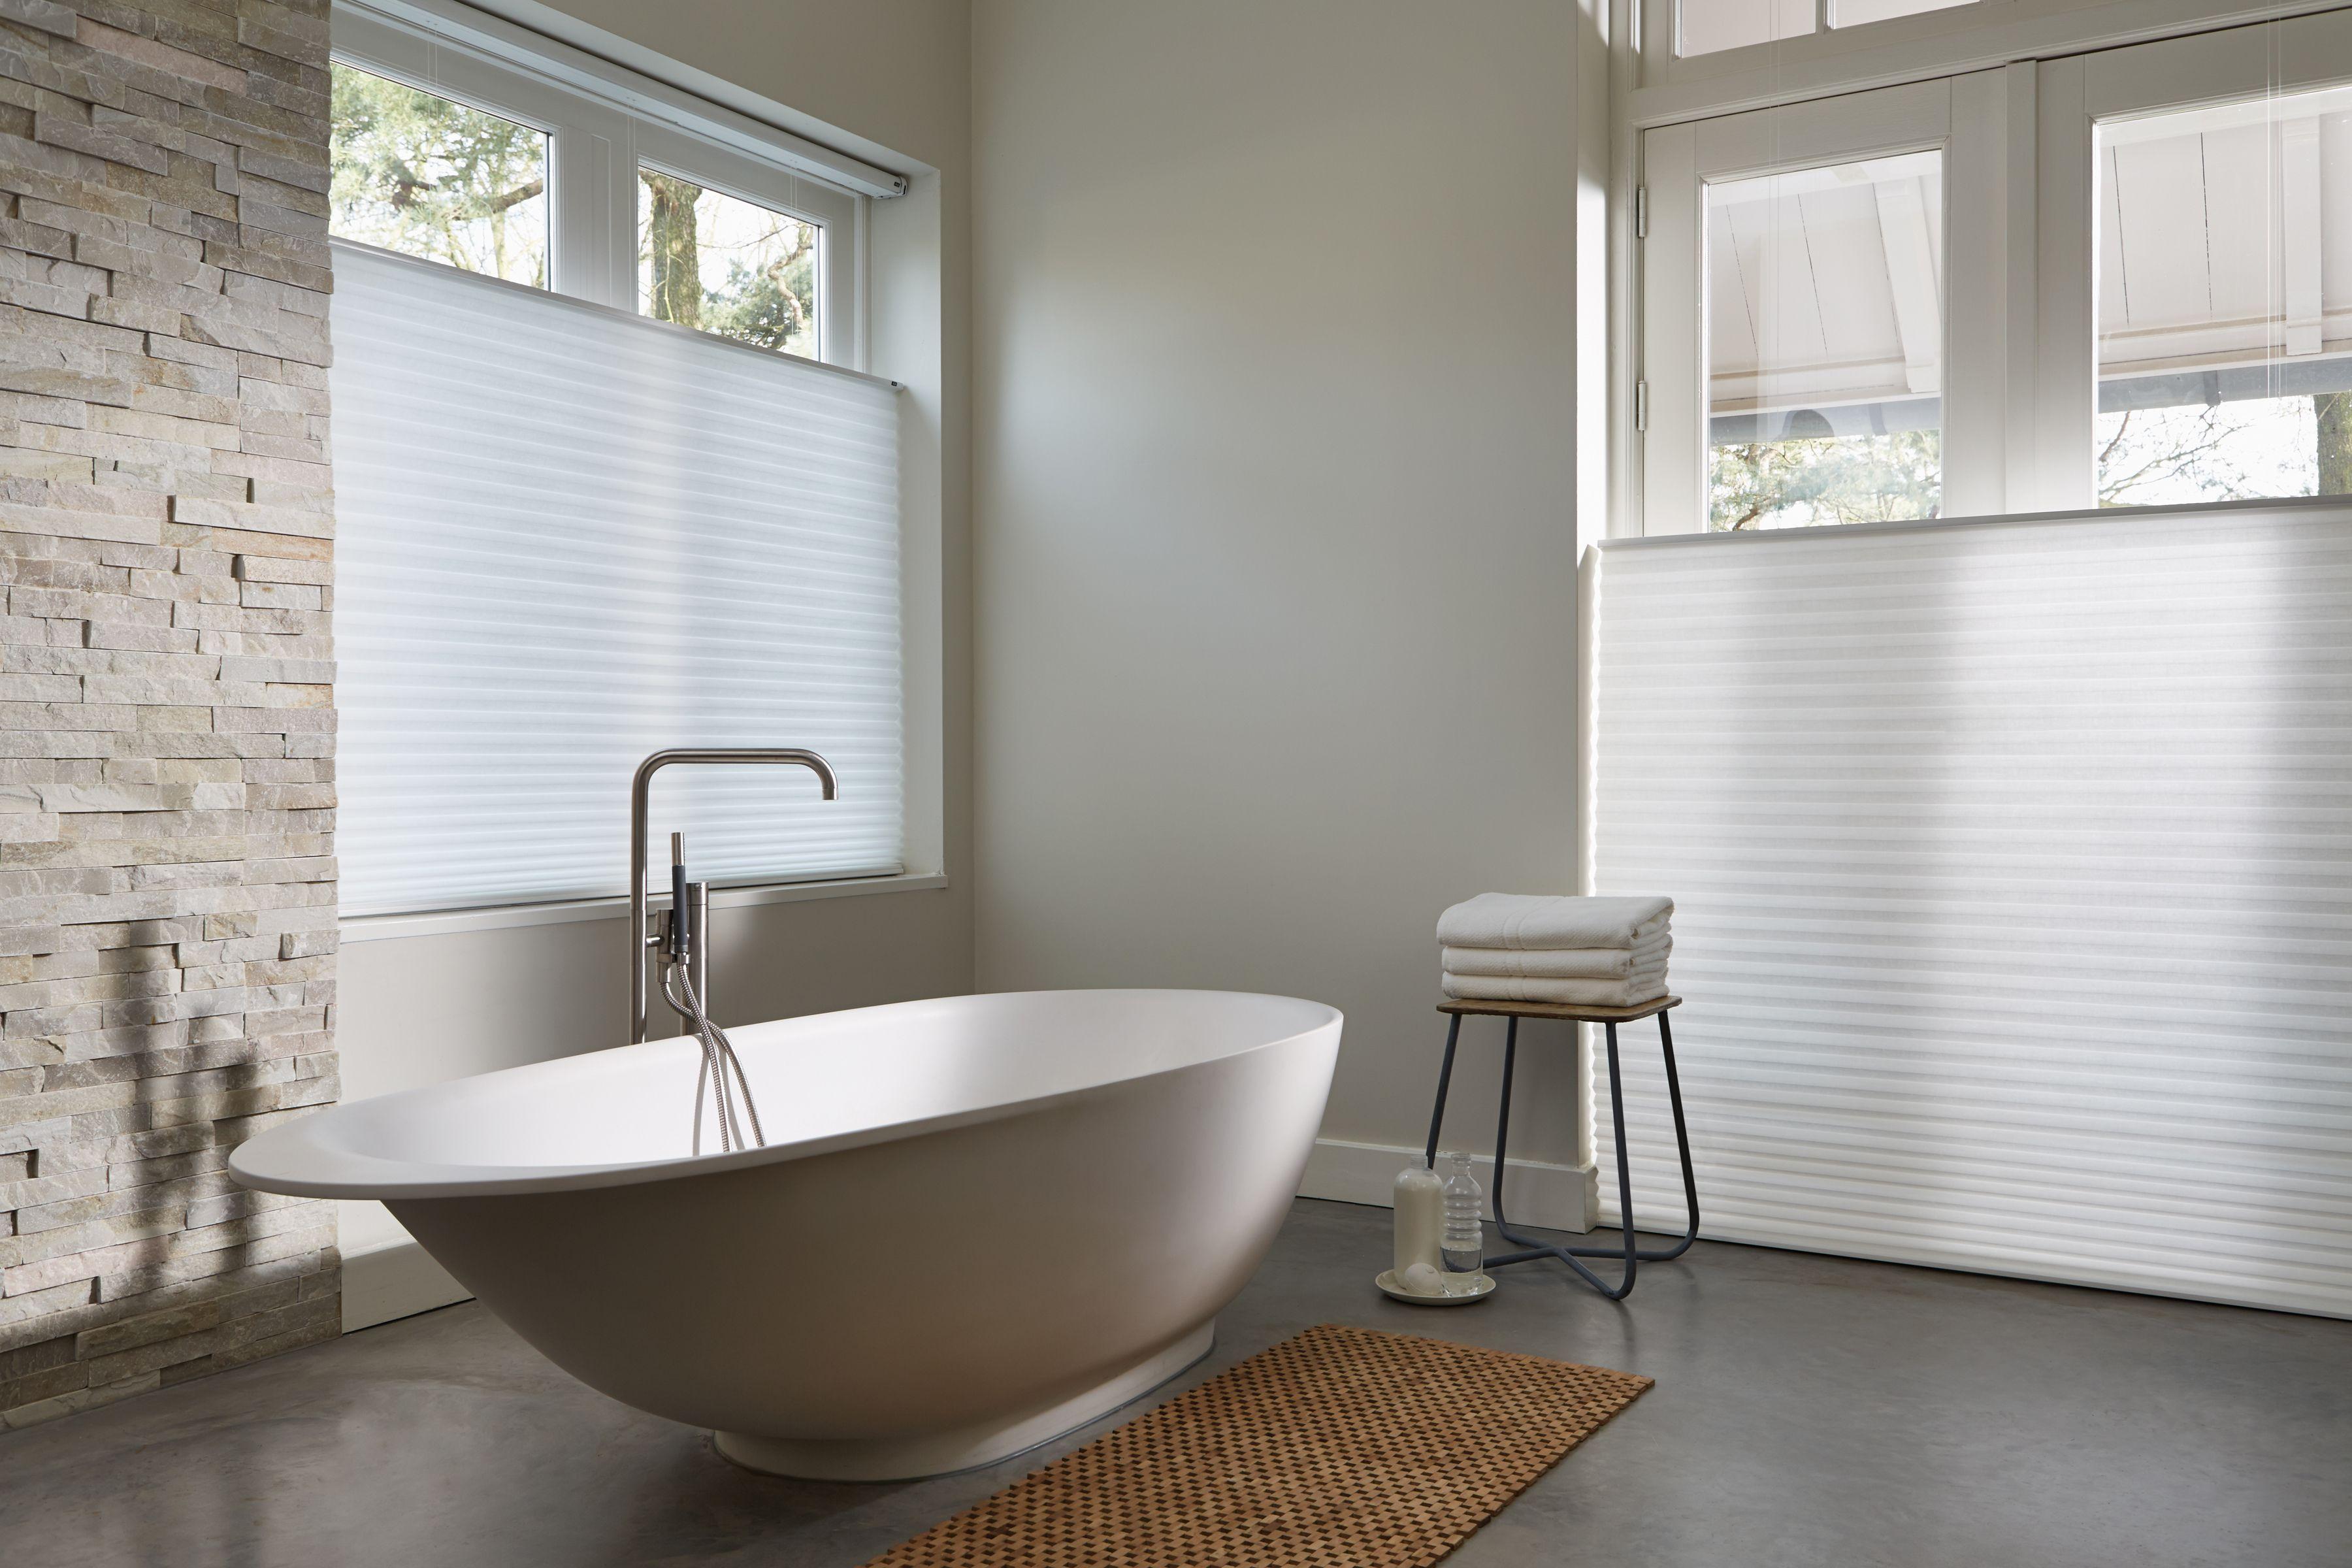 Luxaflex® Duette® Shades | Wit, witter, witst! | Pinterest ...